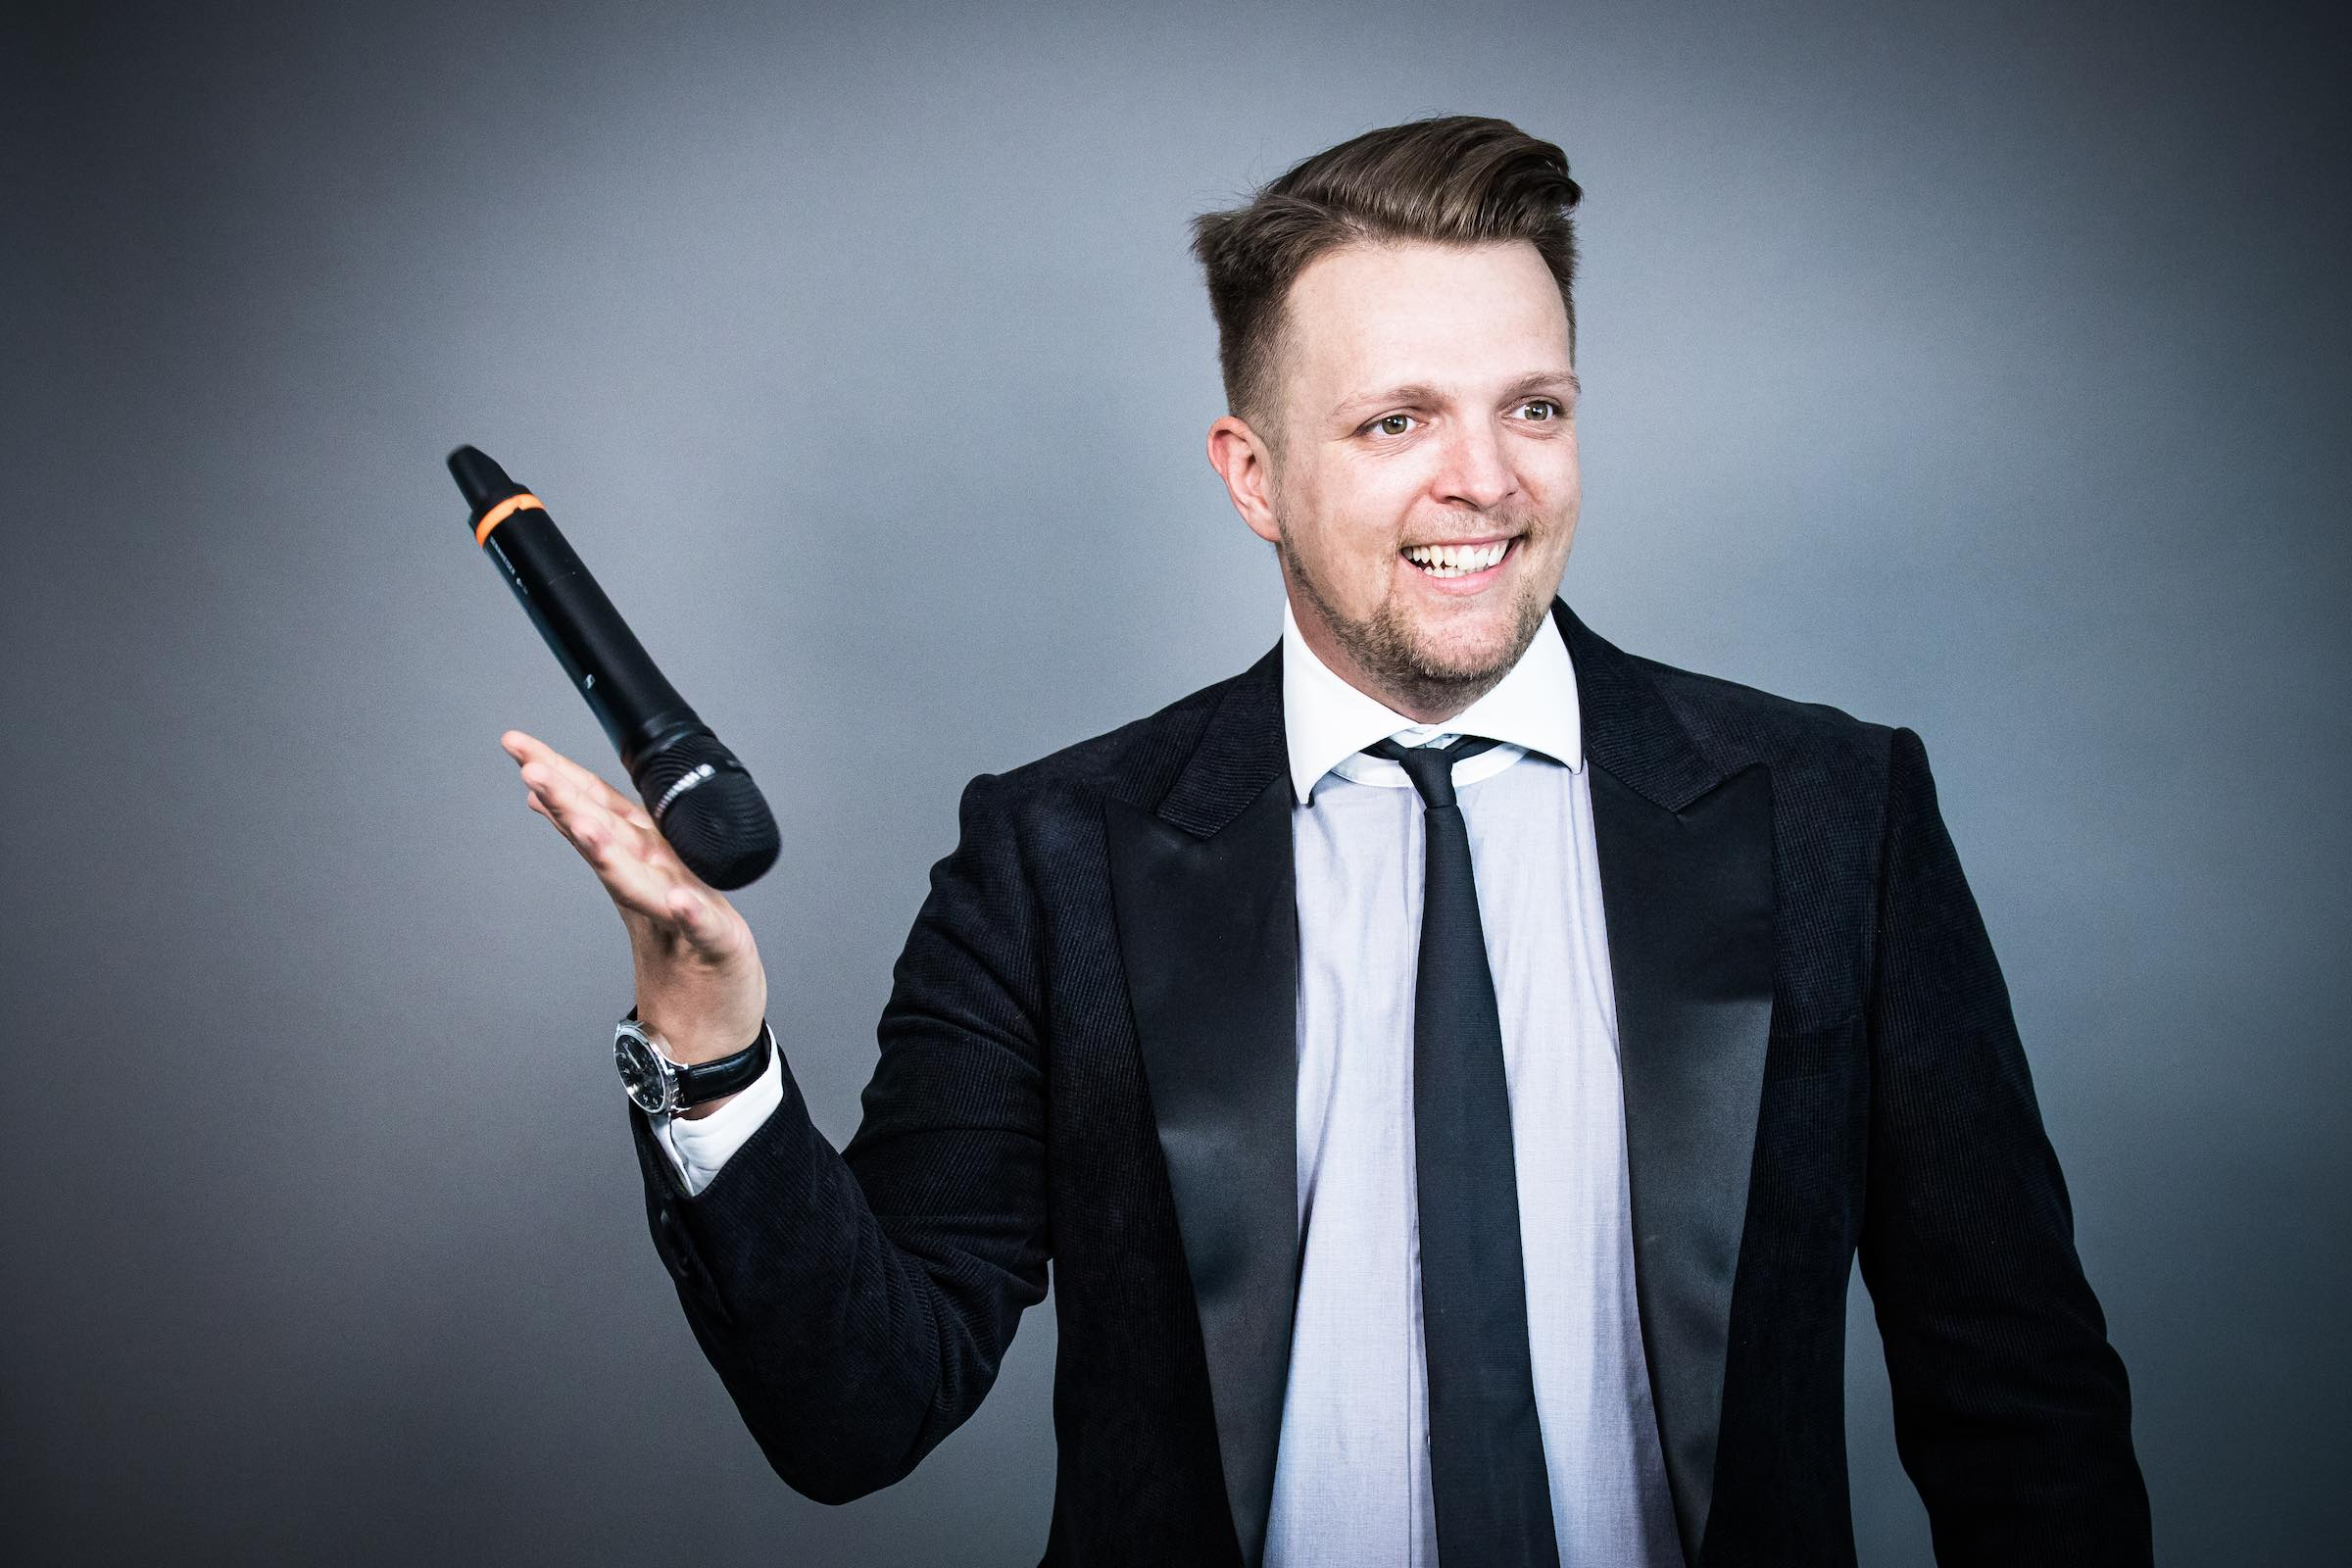 Hochzeits | DJ | Buchen | Hannover | Braunschweig | Timm | Lehmann | DJ | Hochzeit | DJ | Geburtstag | DJ | Betriebsfeier | DJ | Buchen | Mieten | DJ | Agentur | Lehmann | Eventservice